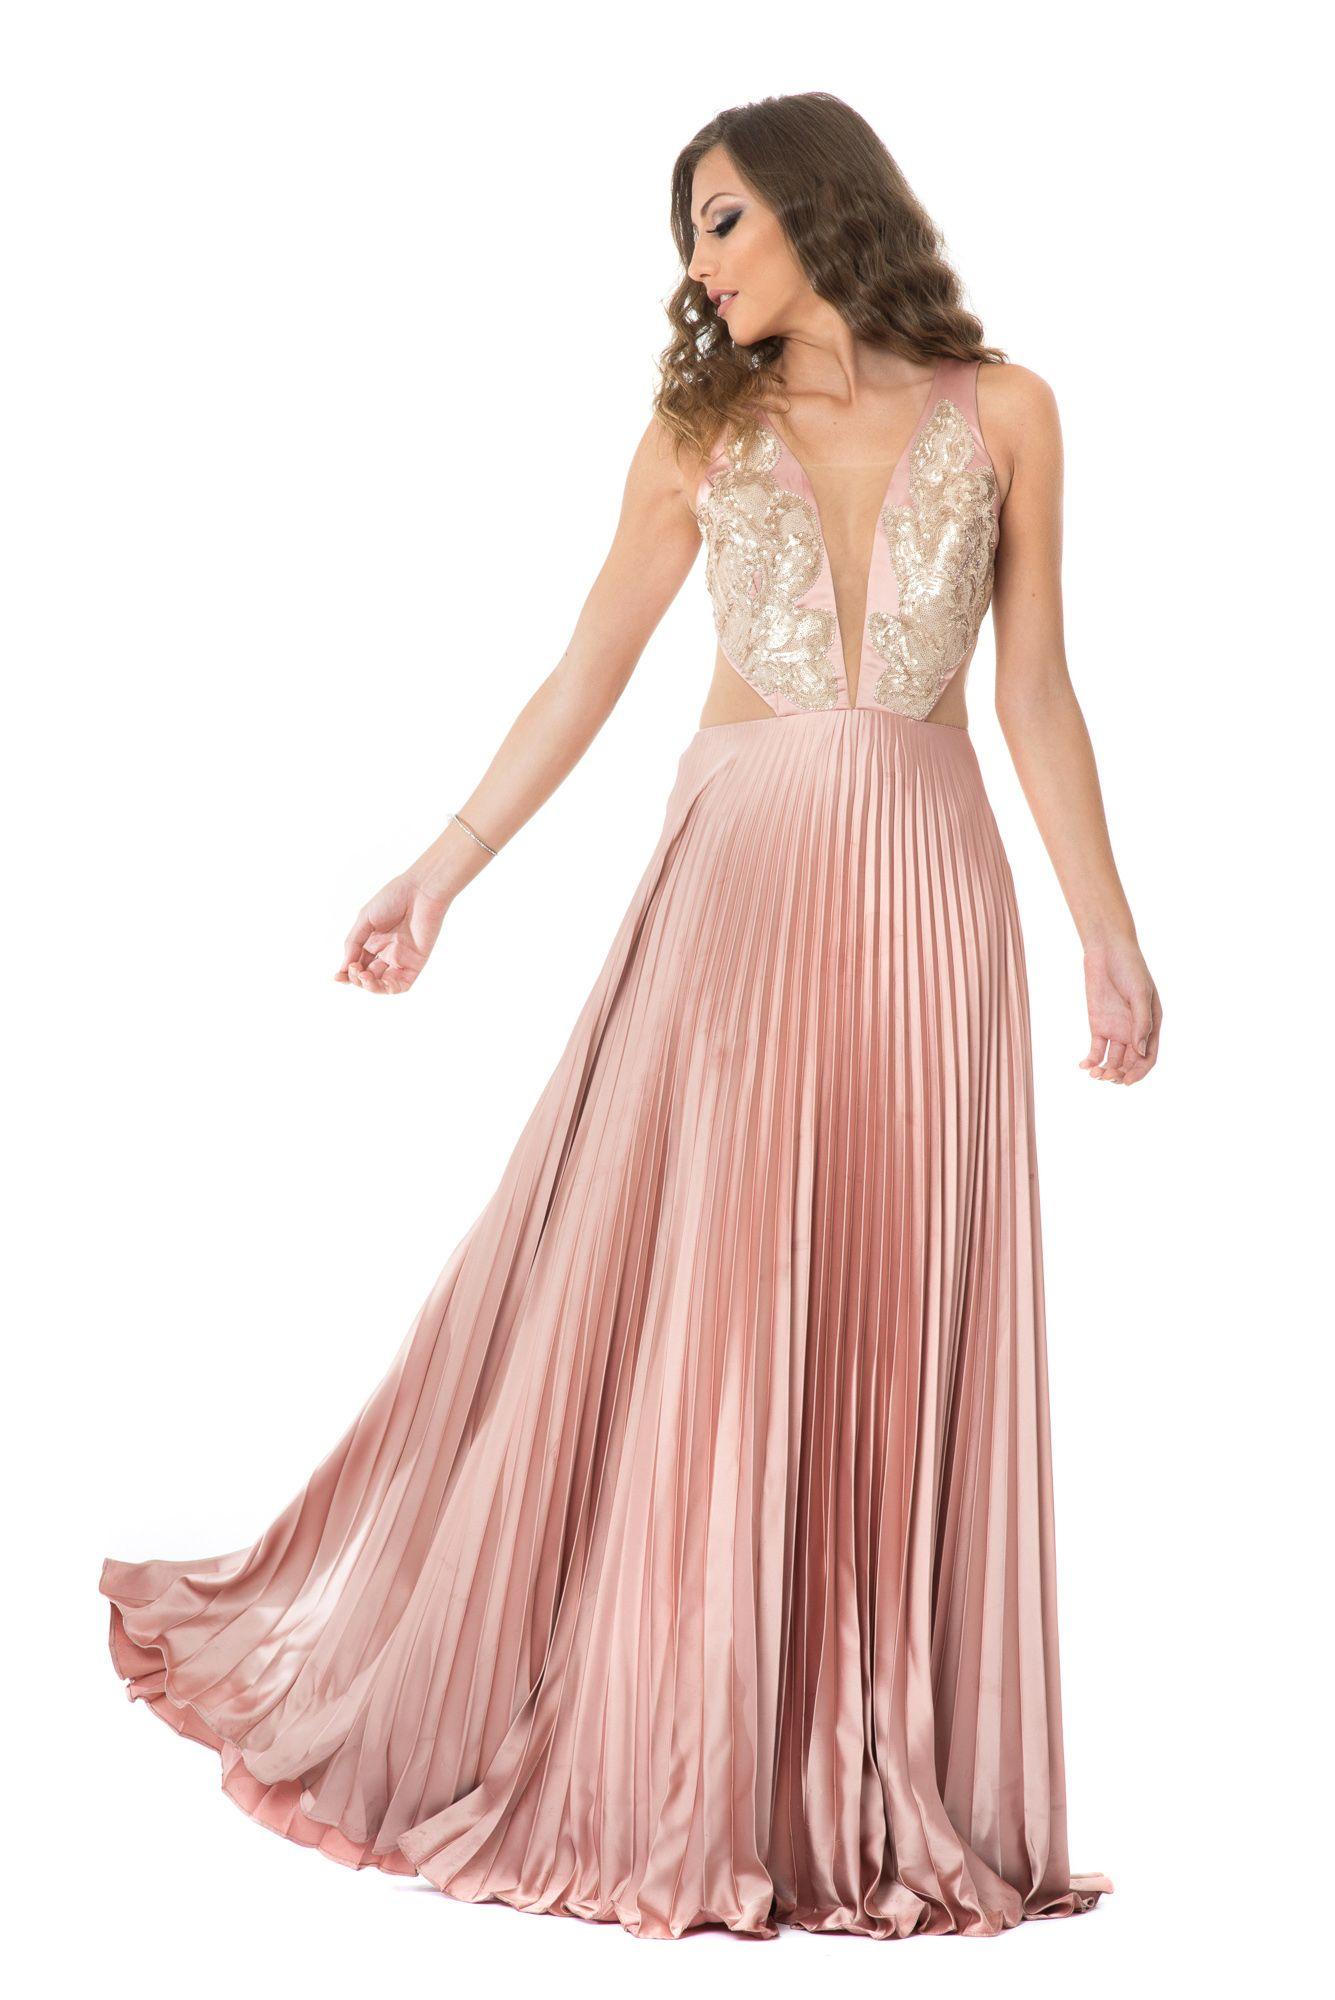 Versailles | Versailles, Vestidos and Silk gown